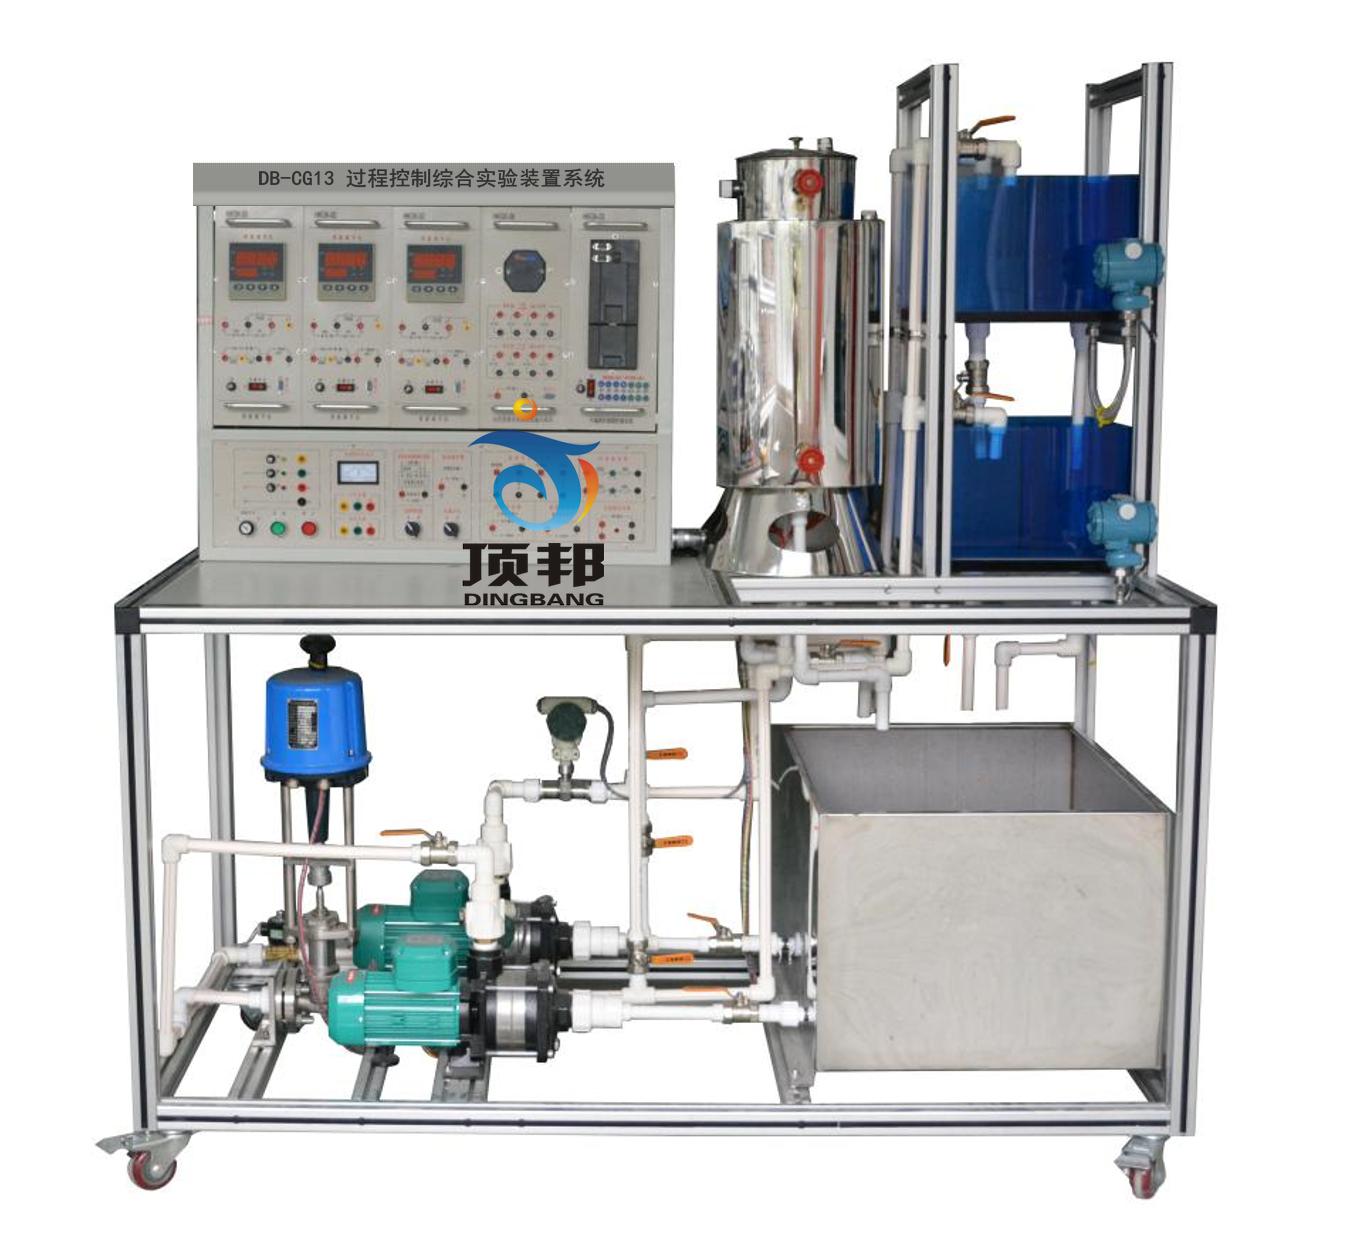 过程控制综合实验装置系统